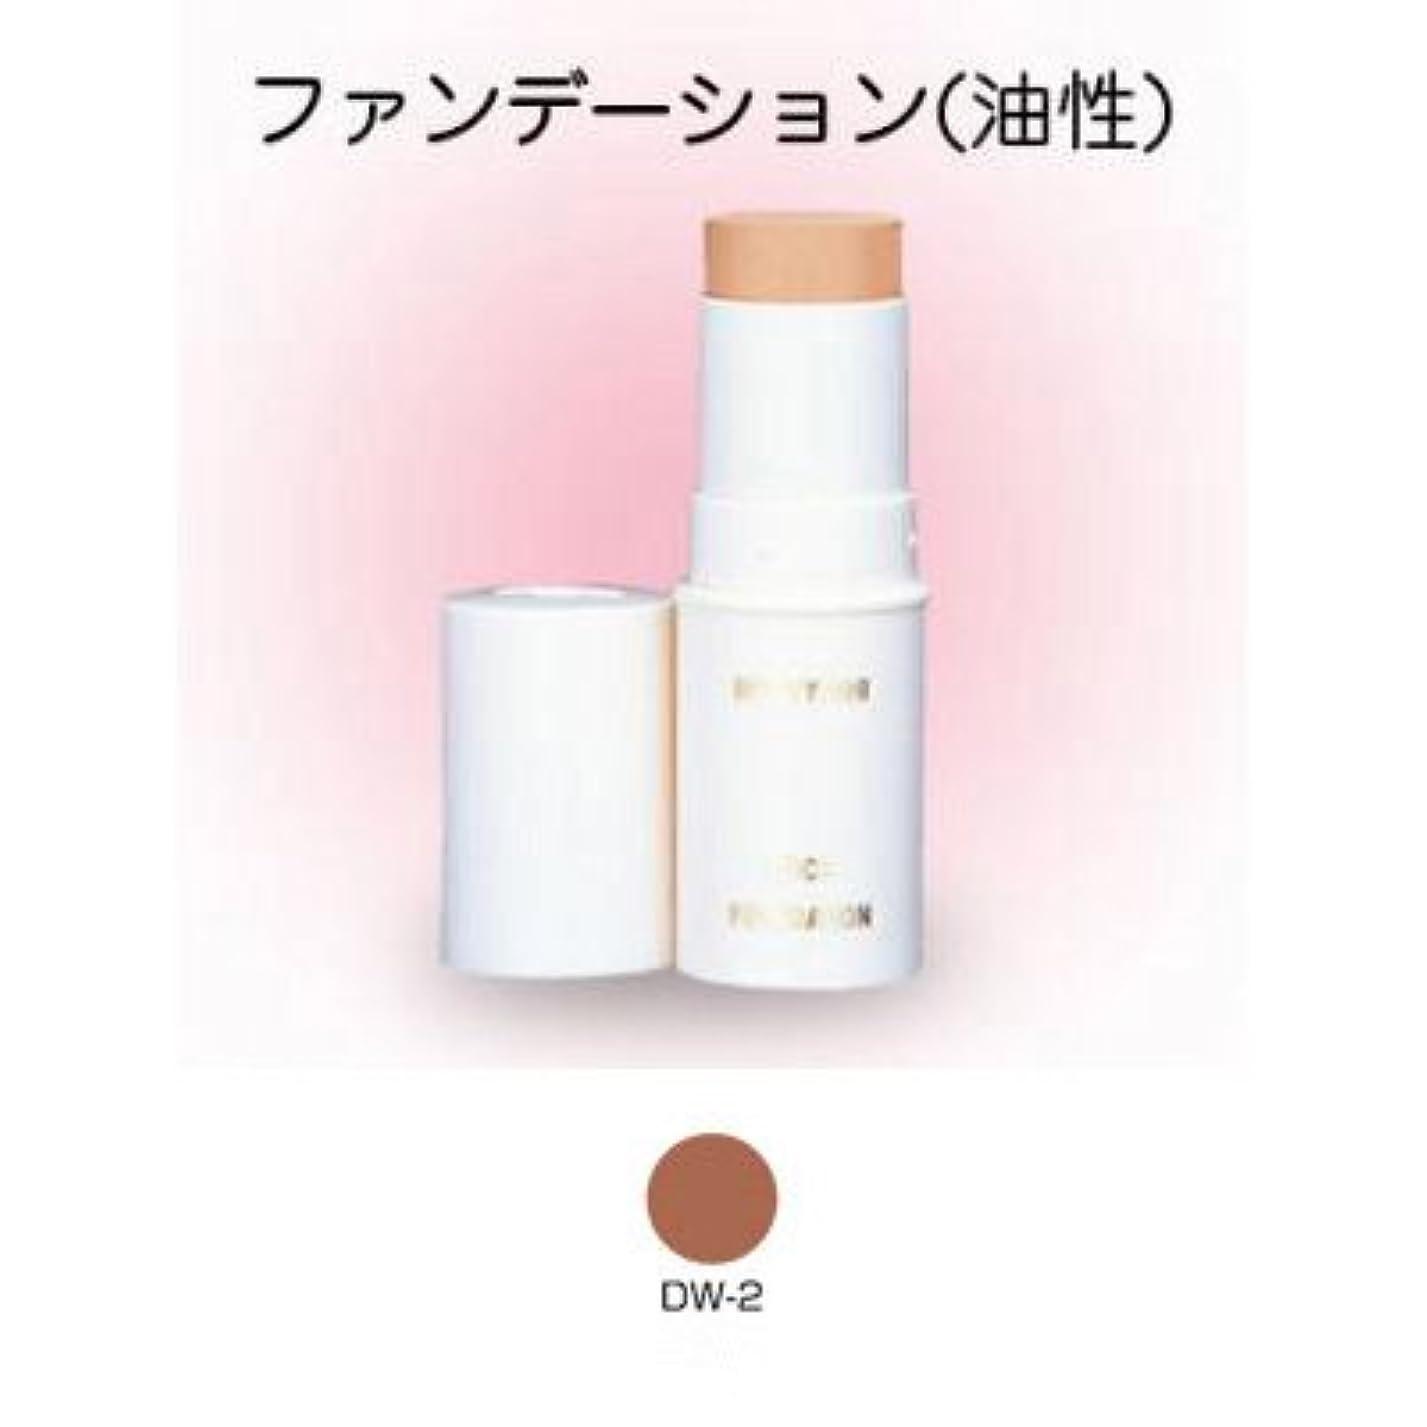 美容師伝記囲まれたスティックファンデーション 16g DW-2 【三善】